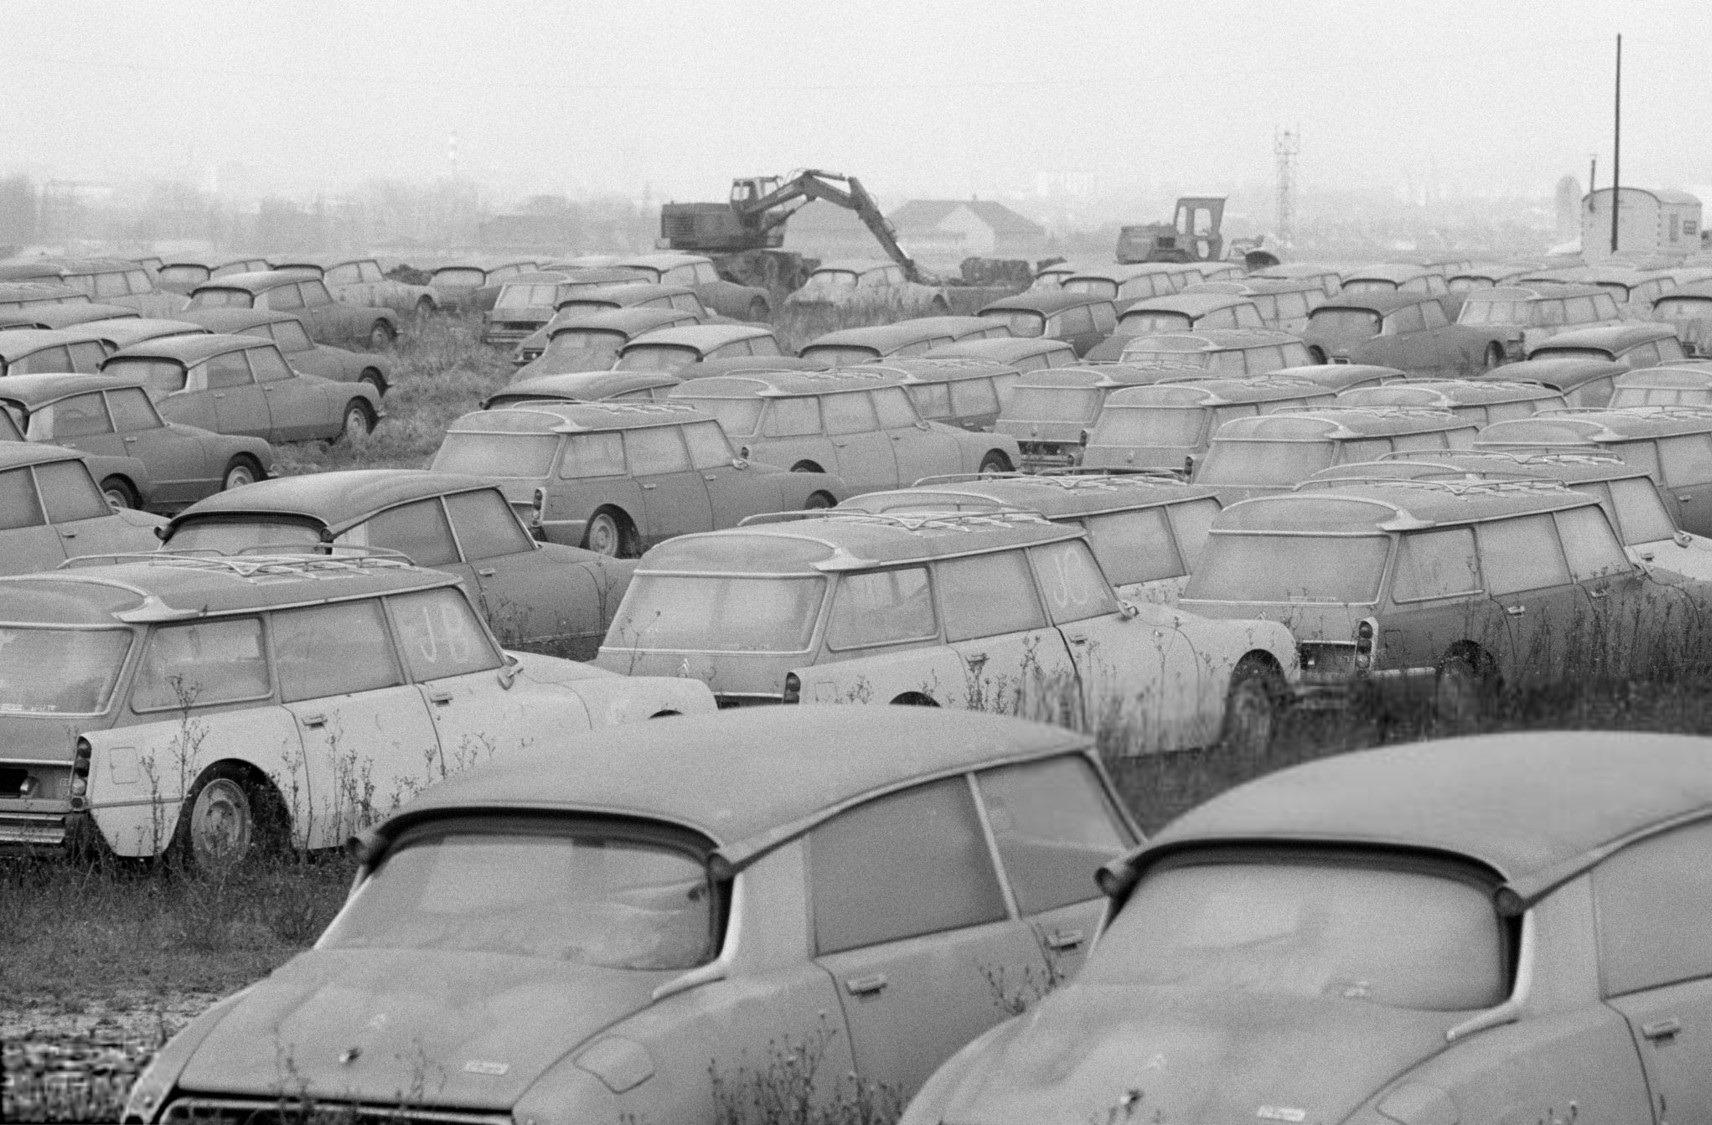 Citroen-Nieuw-onverkocht-in-de-olie-crisis-tijd--3